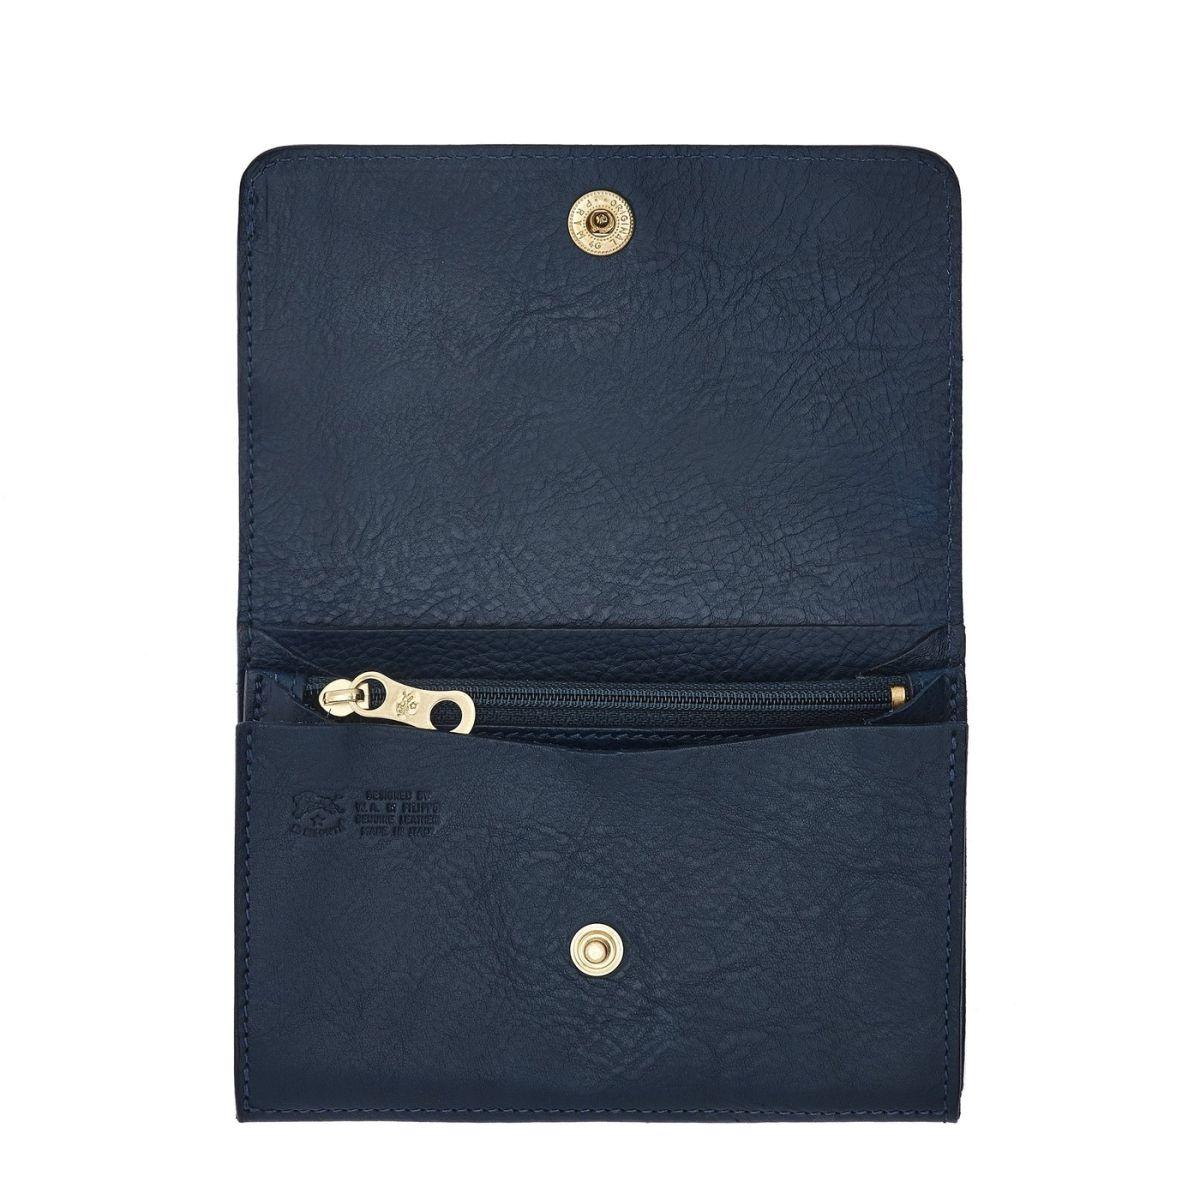 Portefeuille  en Cuir De Vachette Doublé SMW028 couleur Bleu | Details